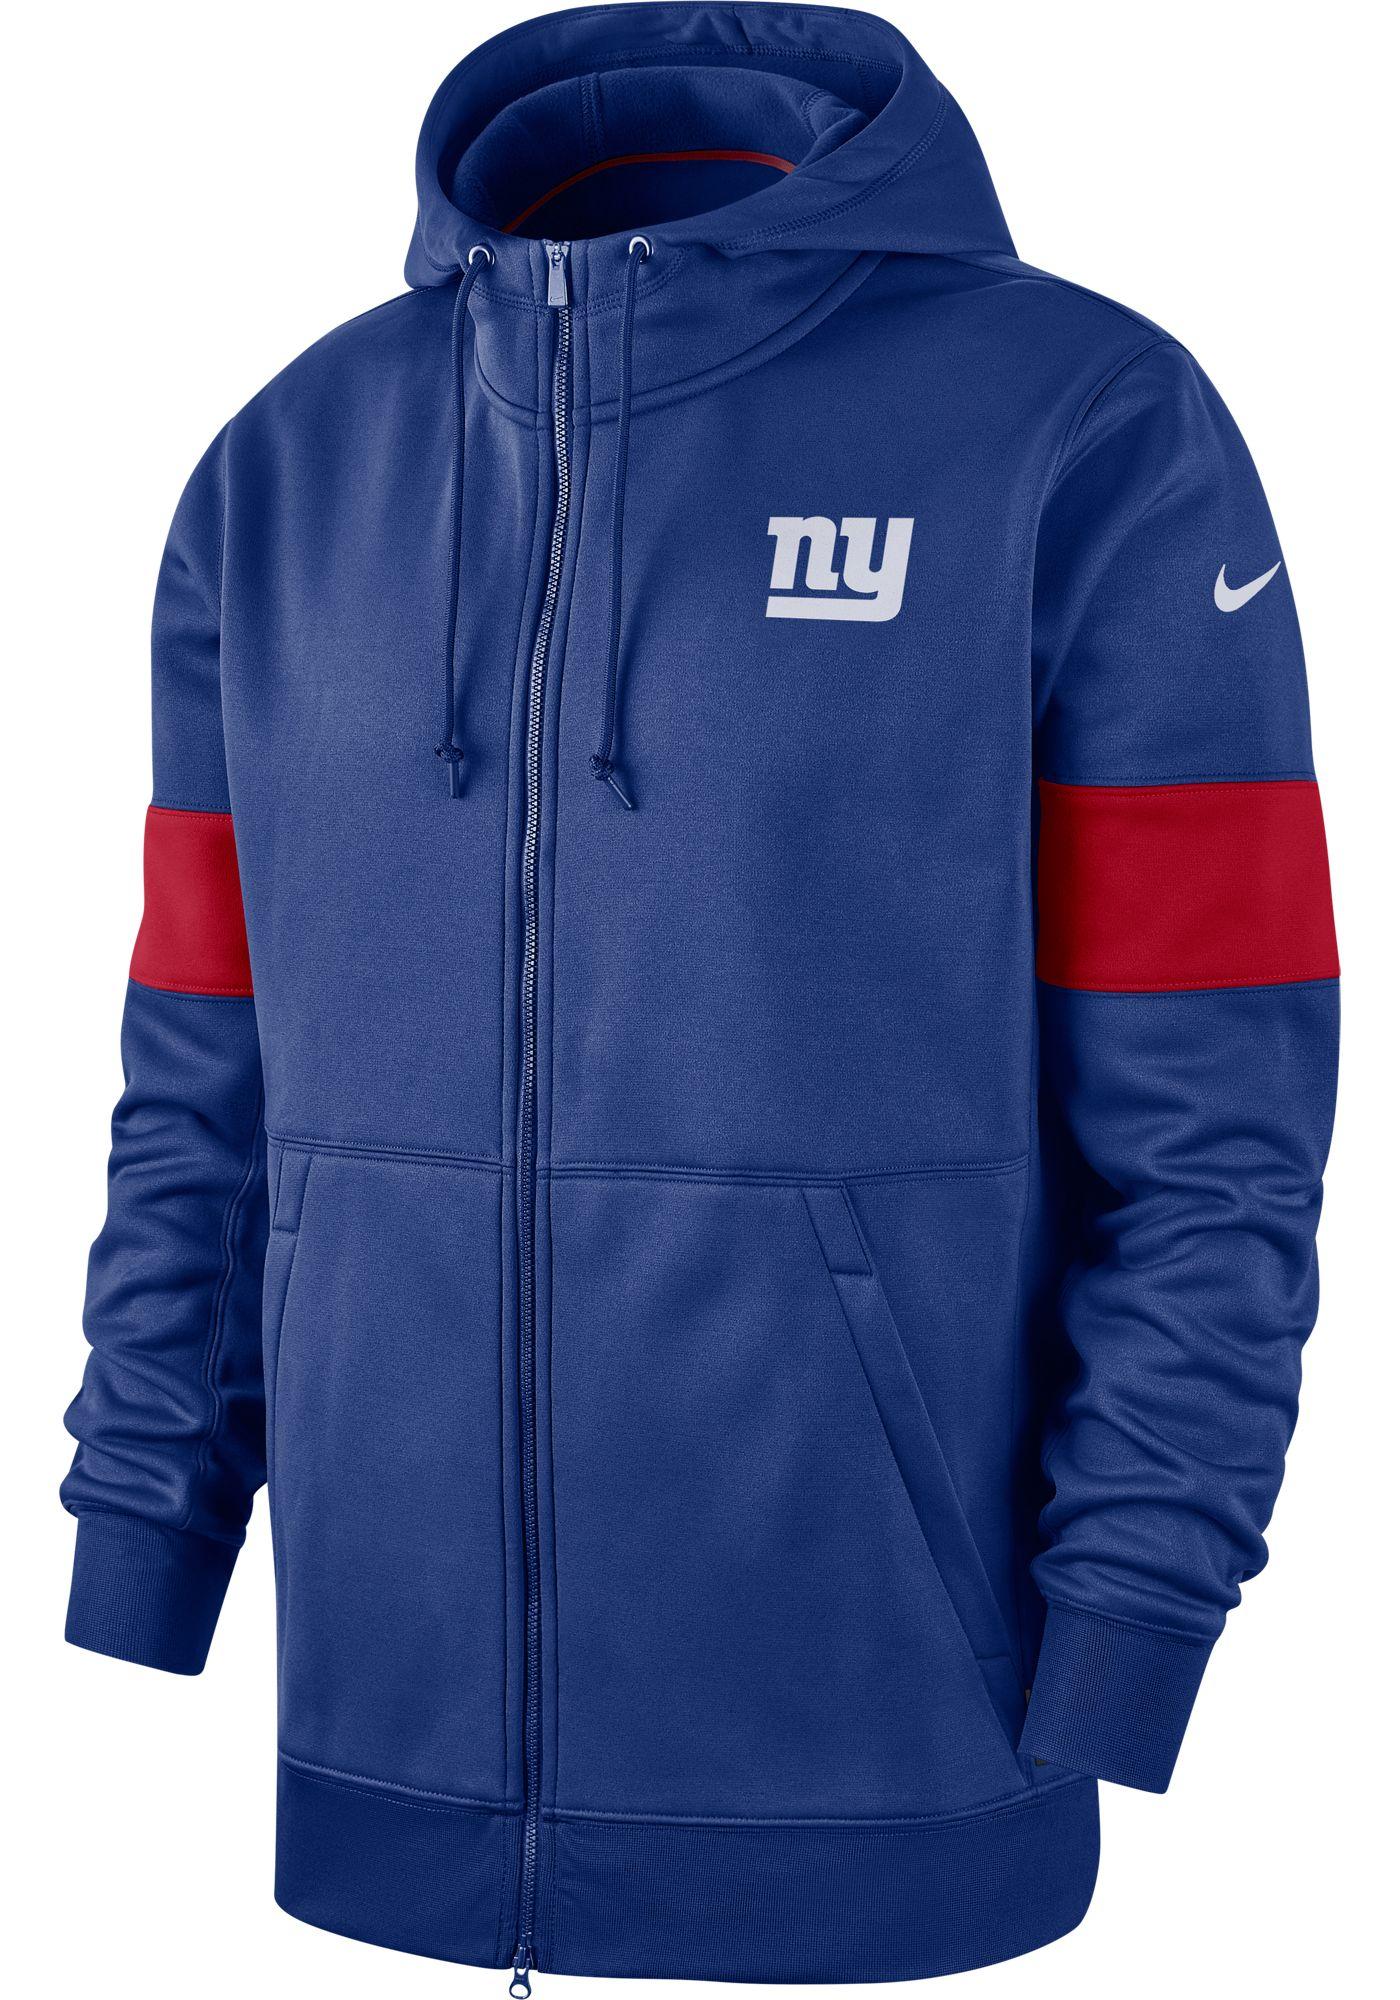 Nike Men's New York Giants Sideline Therma-FIT Blue Full-Zip Hoodie